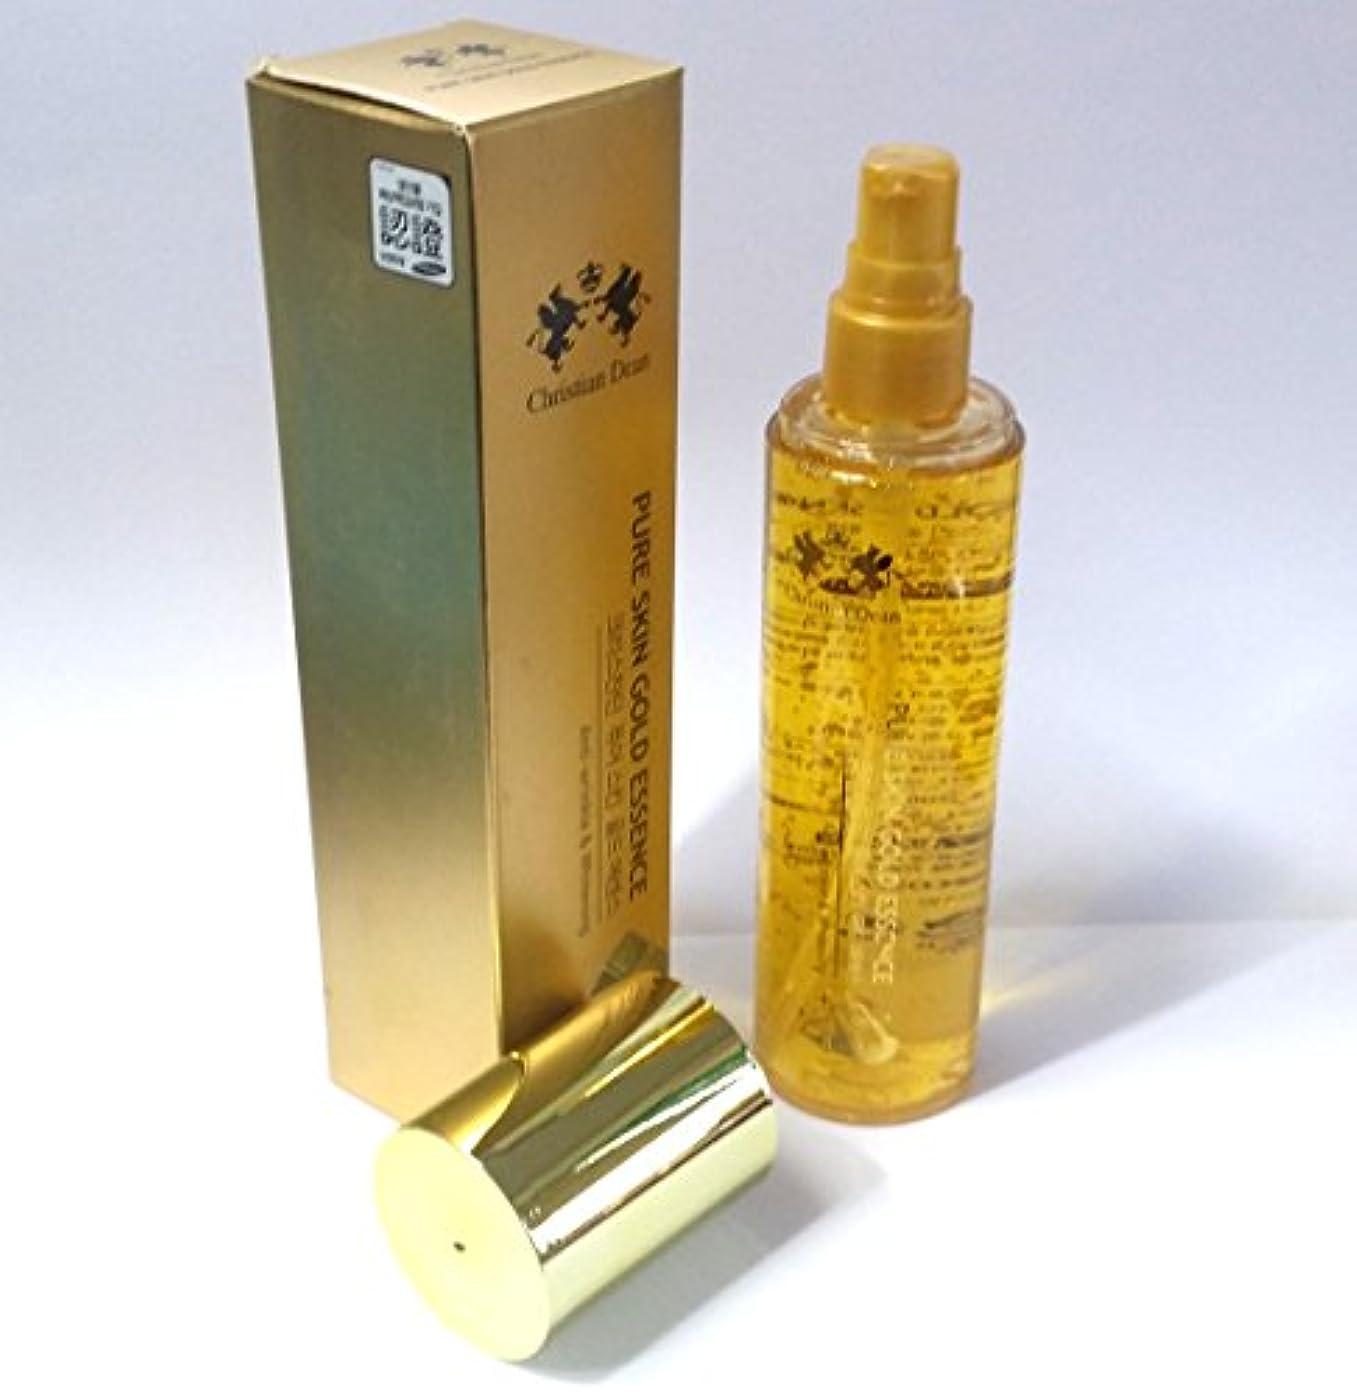 明確な合図議会[Christian Dean] ピュアスキンゴールドエッセンス150ml/Pure Skin Gold Essence 150ml/Whitening/ホワイトニング/ピュアゴールドエキス(99.9%)/韓国化粧品/pure...